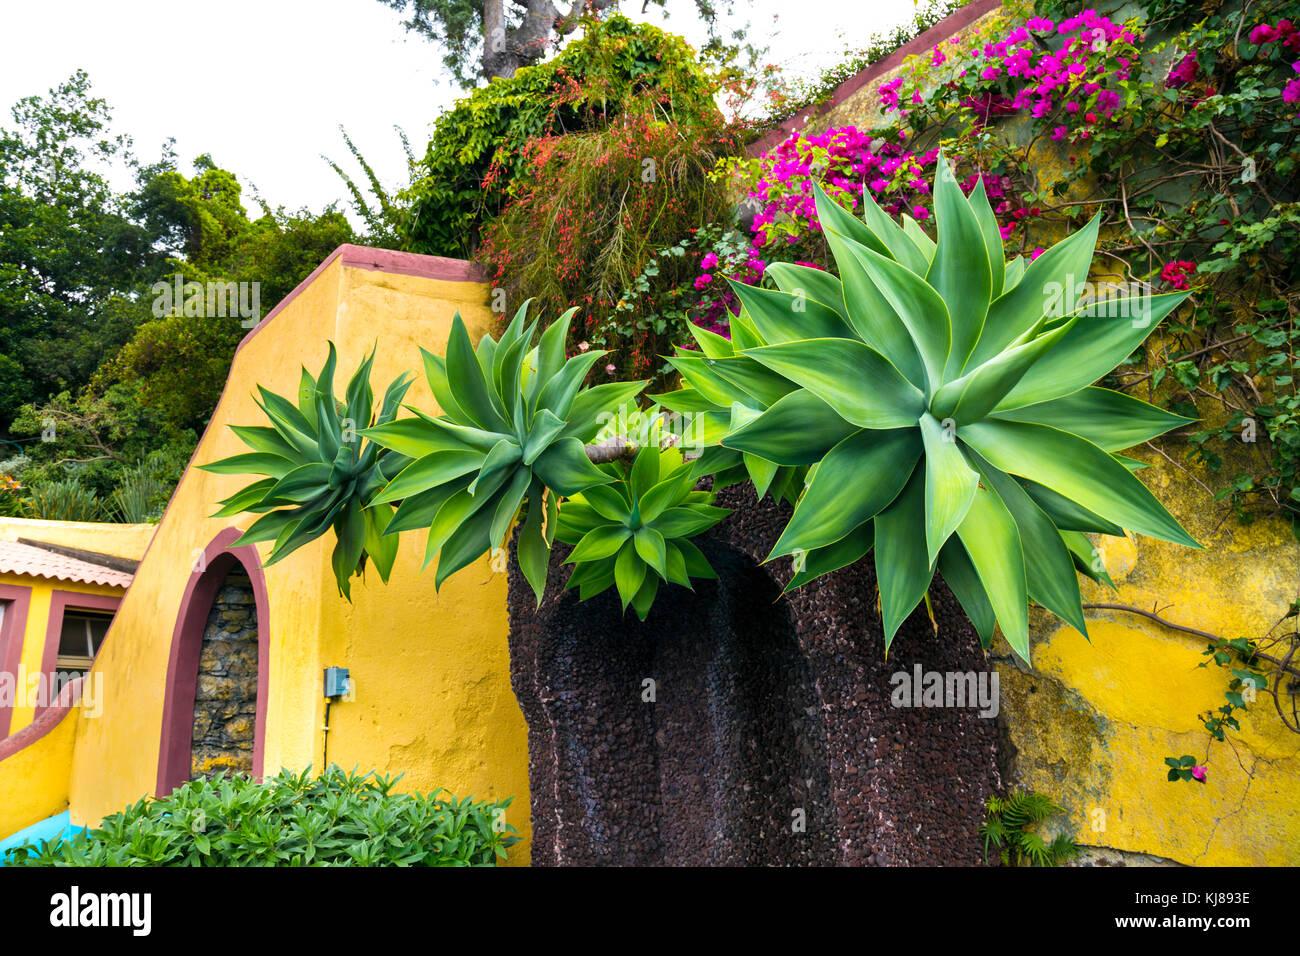 Agave Attenuata Plants At The Botanical Gardens (Jardim Botânico Da  Madeira), Madeira, Portugal